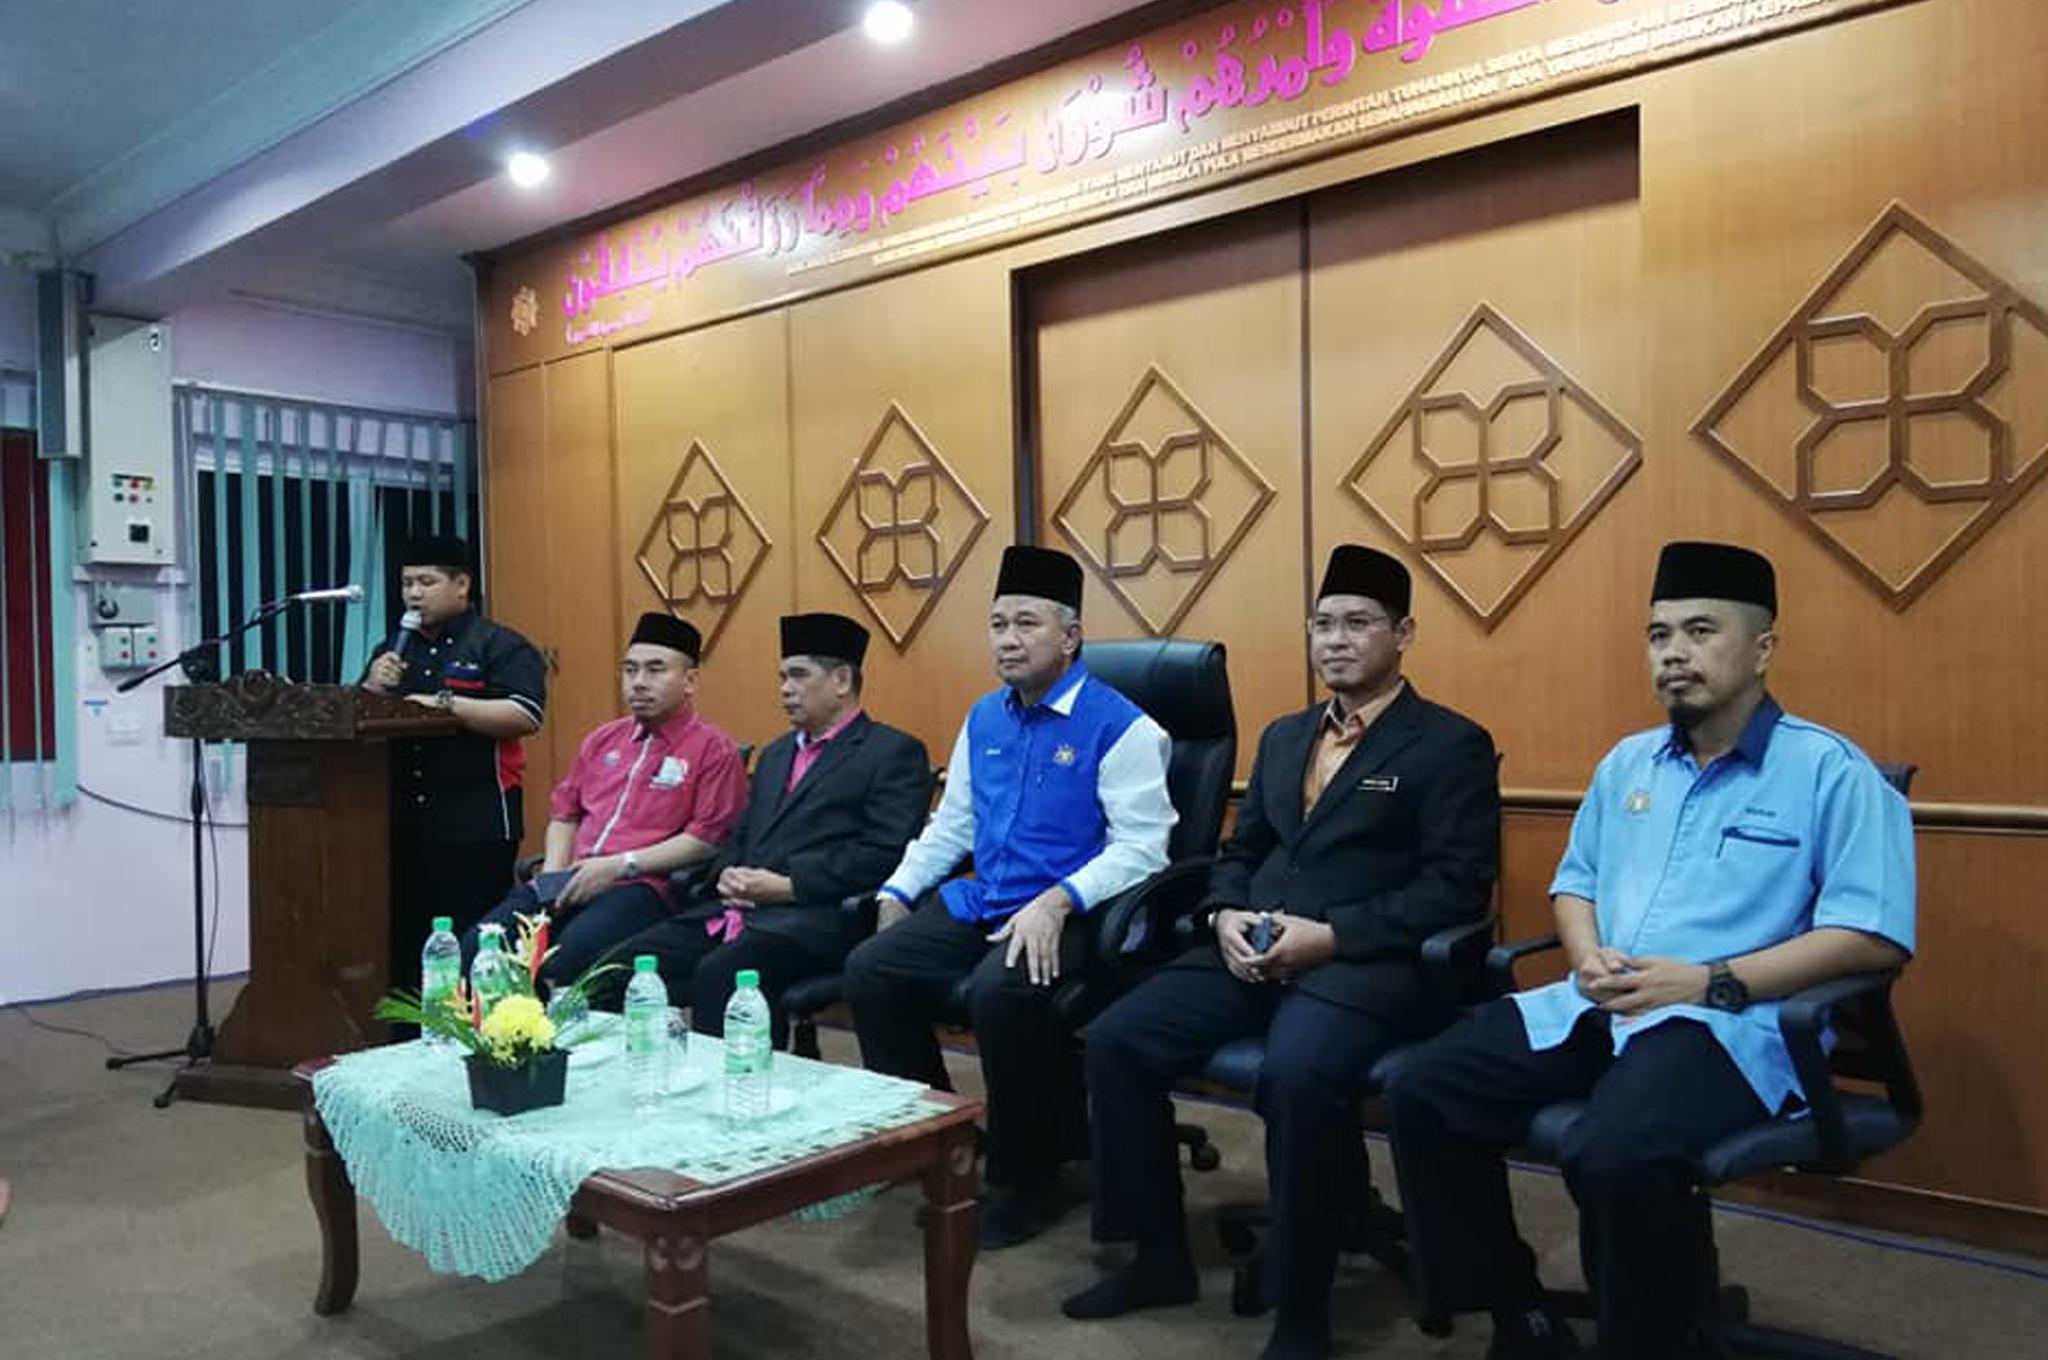 Lawatan Pengauditan EKSA kali ke-2 di Pejabat Kadi daerah Mersing bersama Pengarah Jabatan Agama Islam Negeri Johor pada27 Januari 2019.